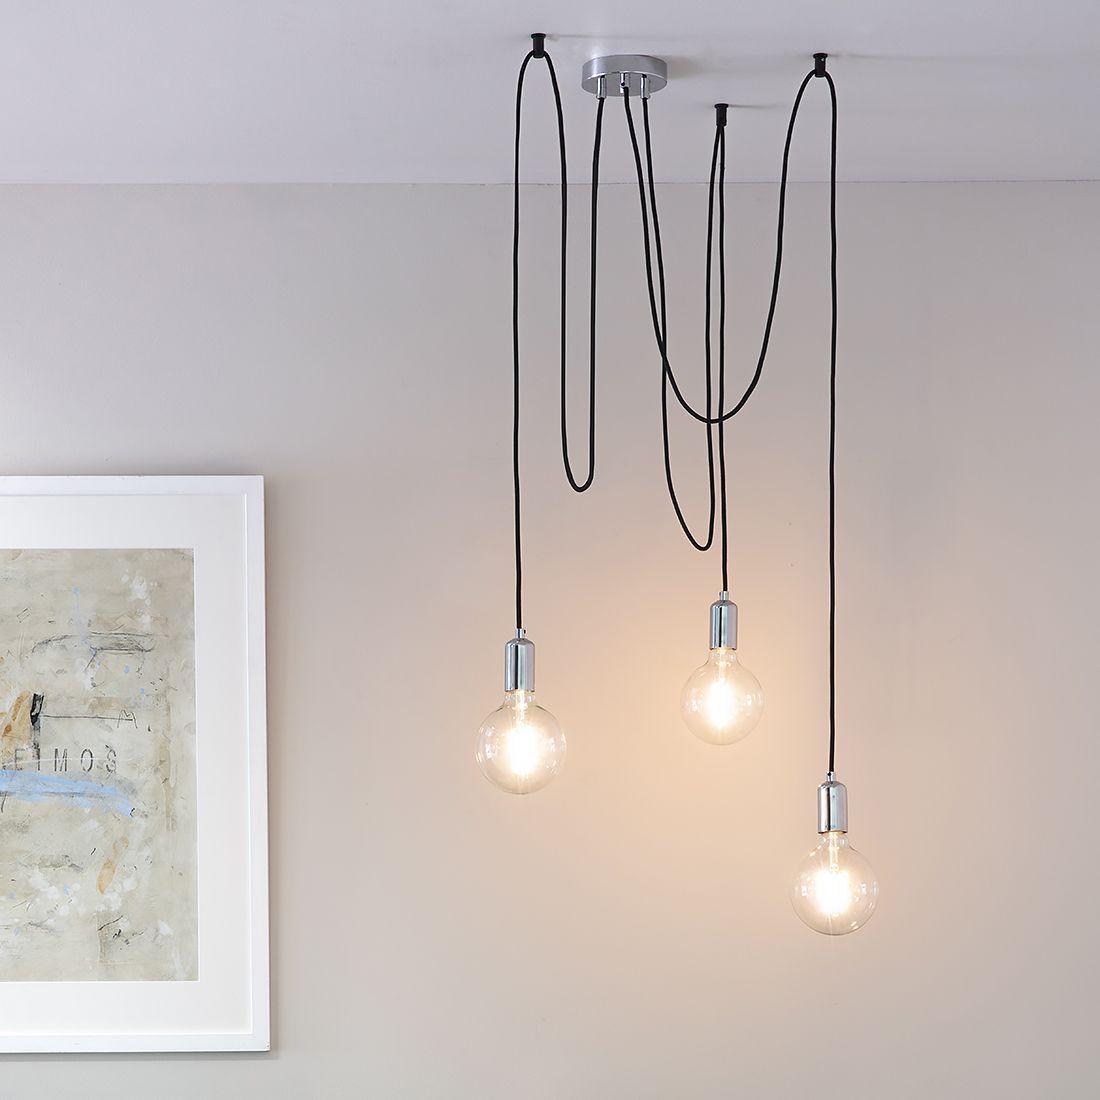 12 Diy Industrial Lighting Fixture Ideas In 2020 Industrial Pendant Lights Pendant Lighting Pendant Lighting Bedroom